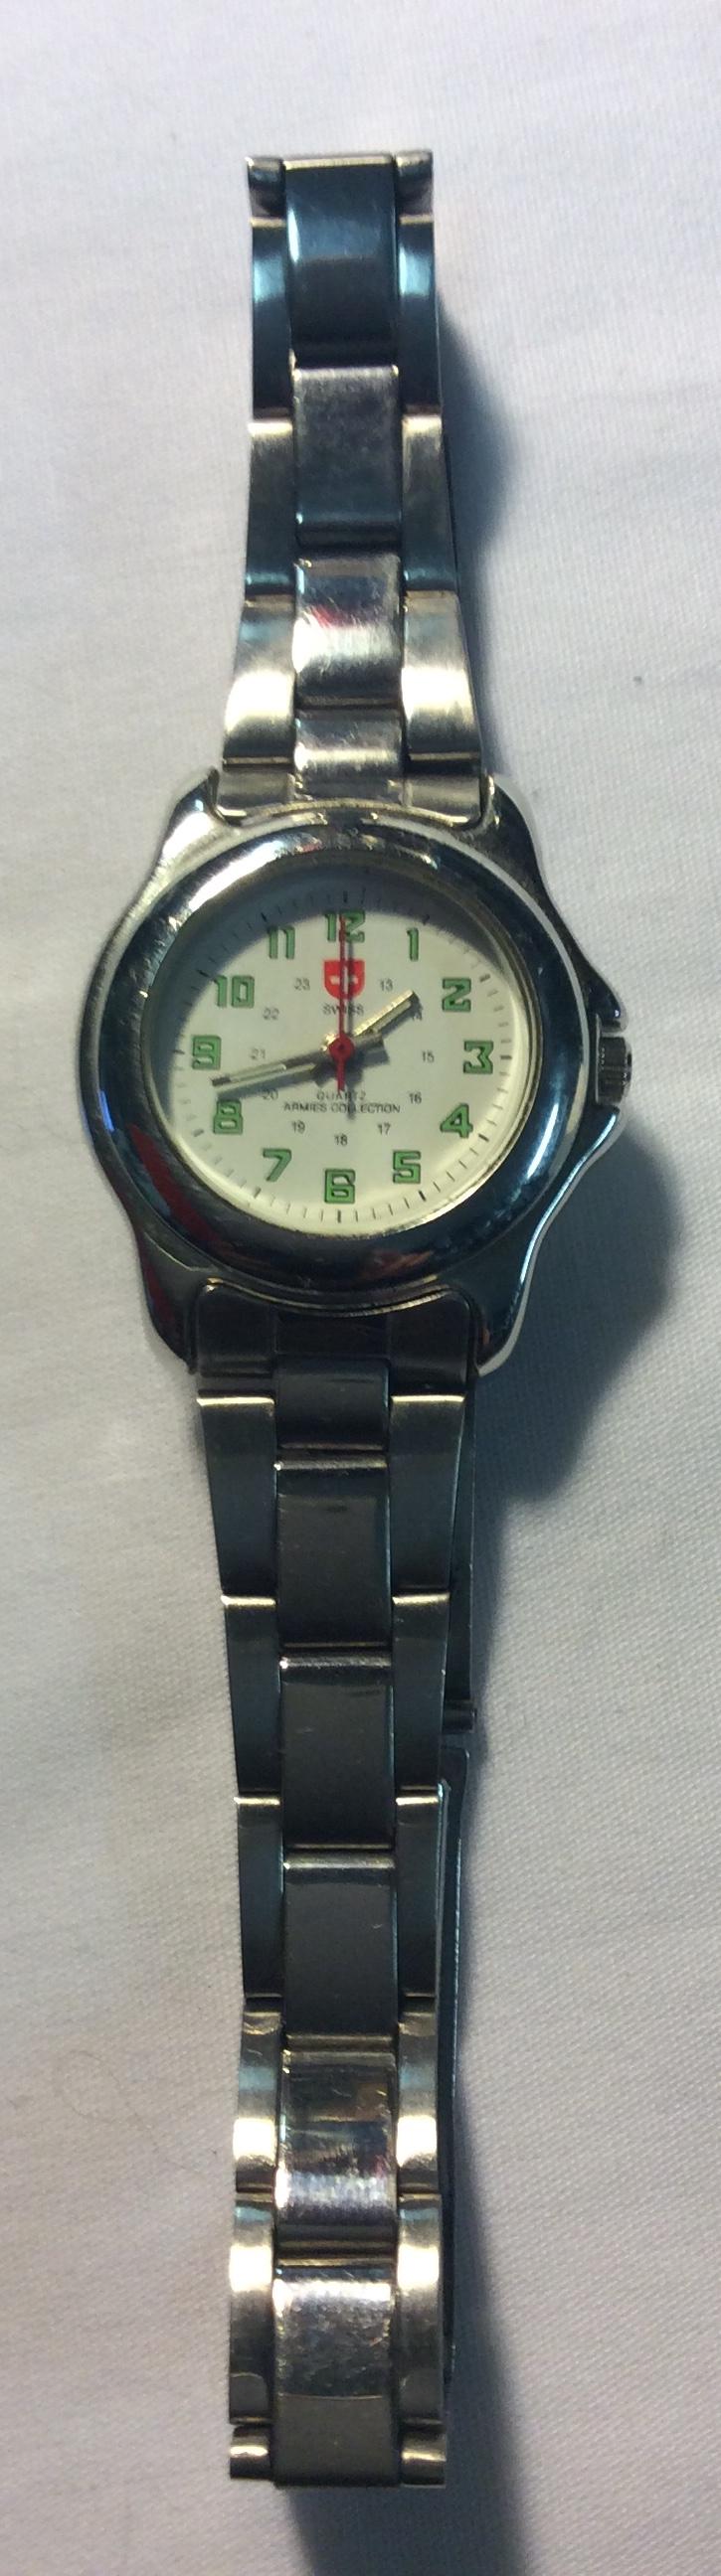 Swiss watch- round white face